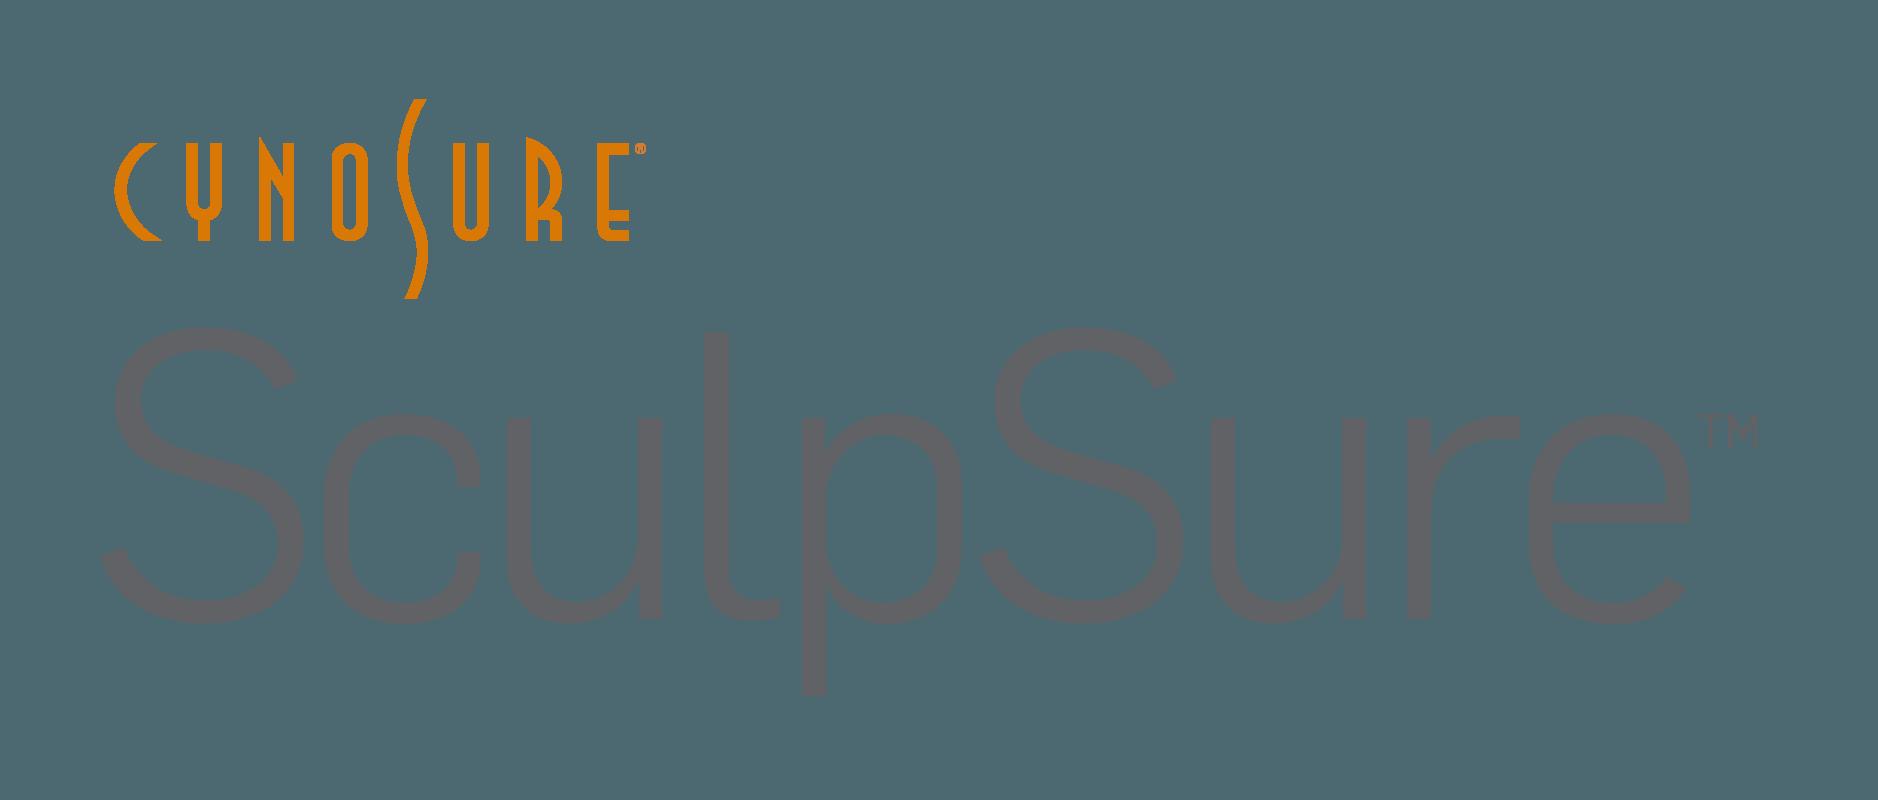 SculpSure_logo_HR